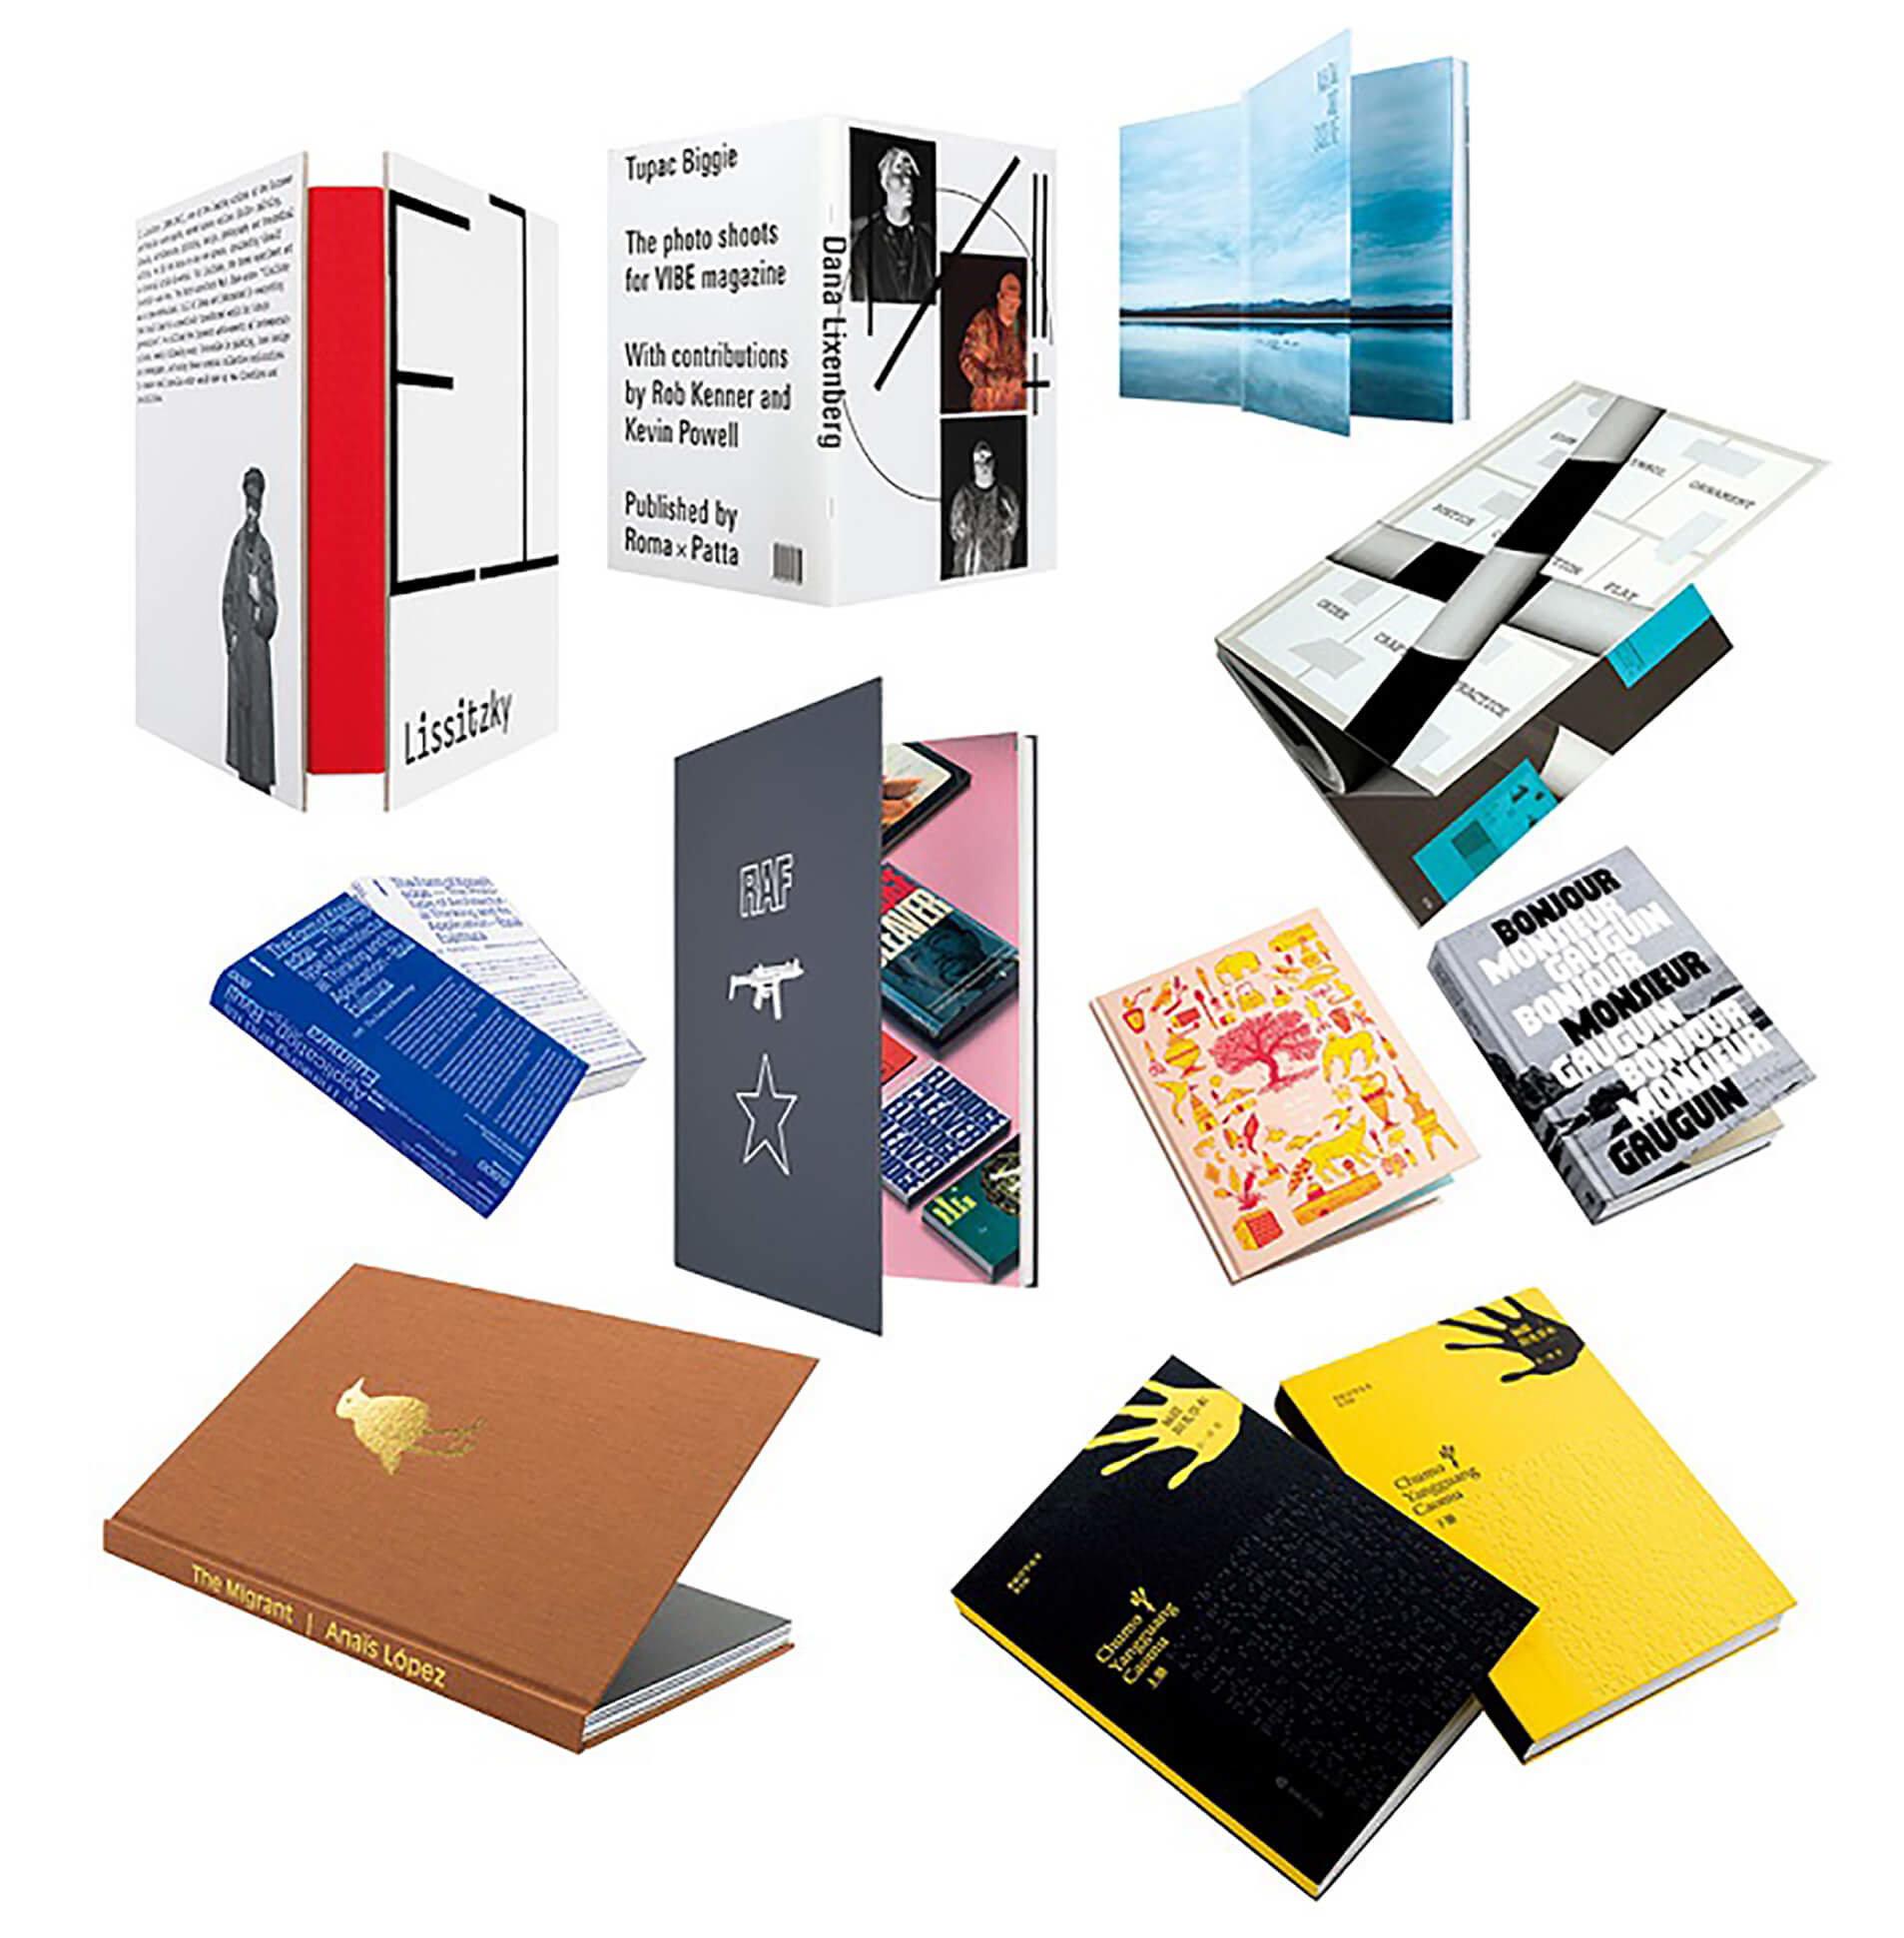 世界のブックデザイン2018-19・出典本